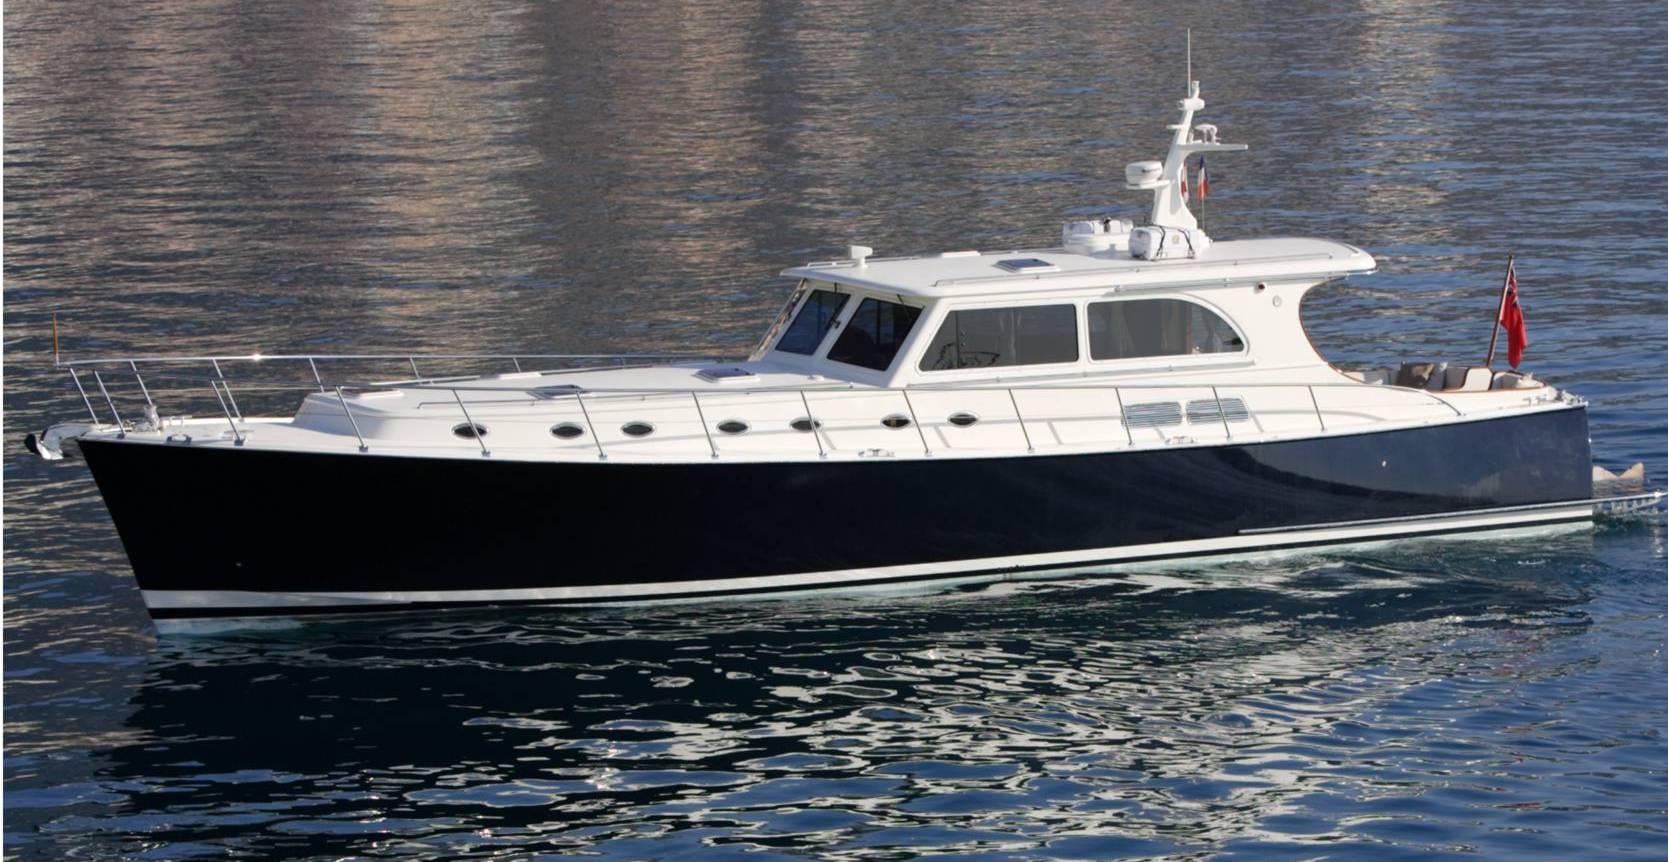 SAGA OF SWEDEN Yacht Charter Details VICEM YACHTS